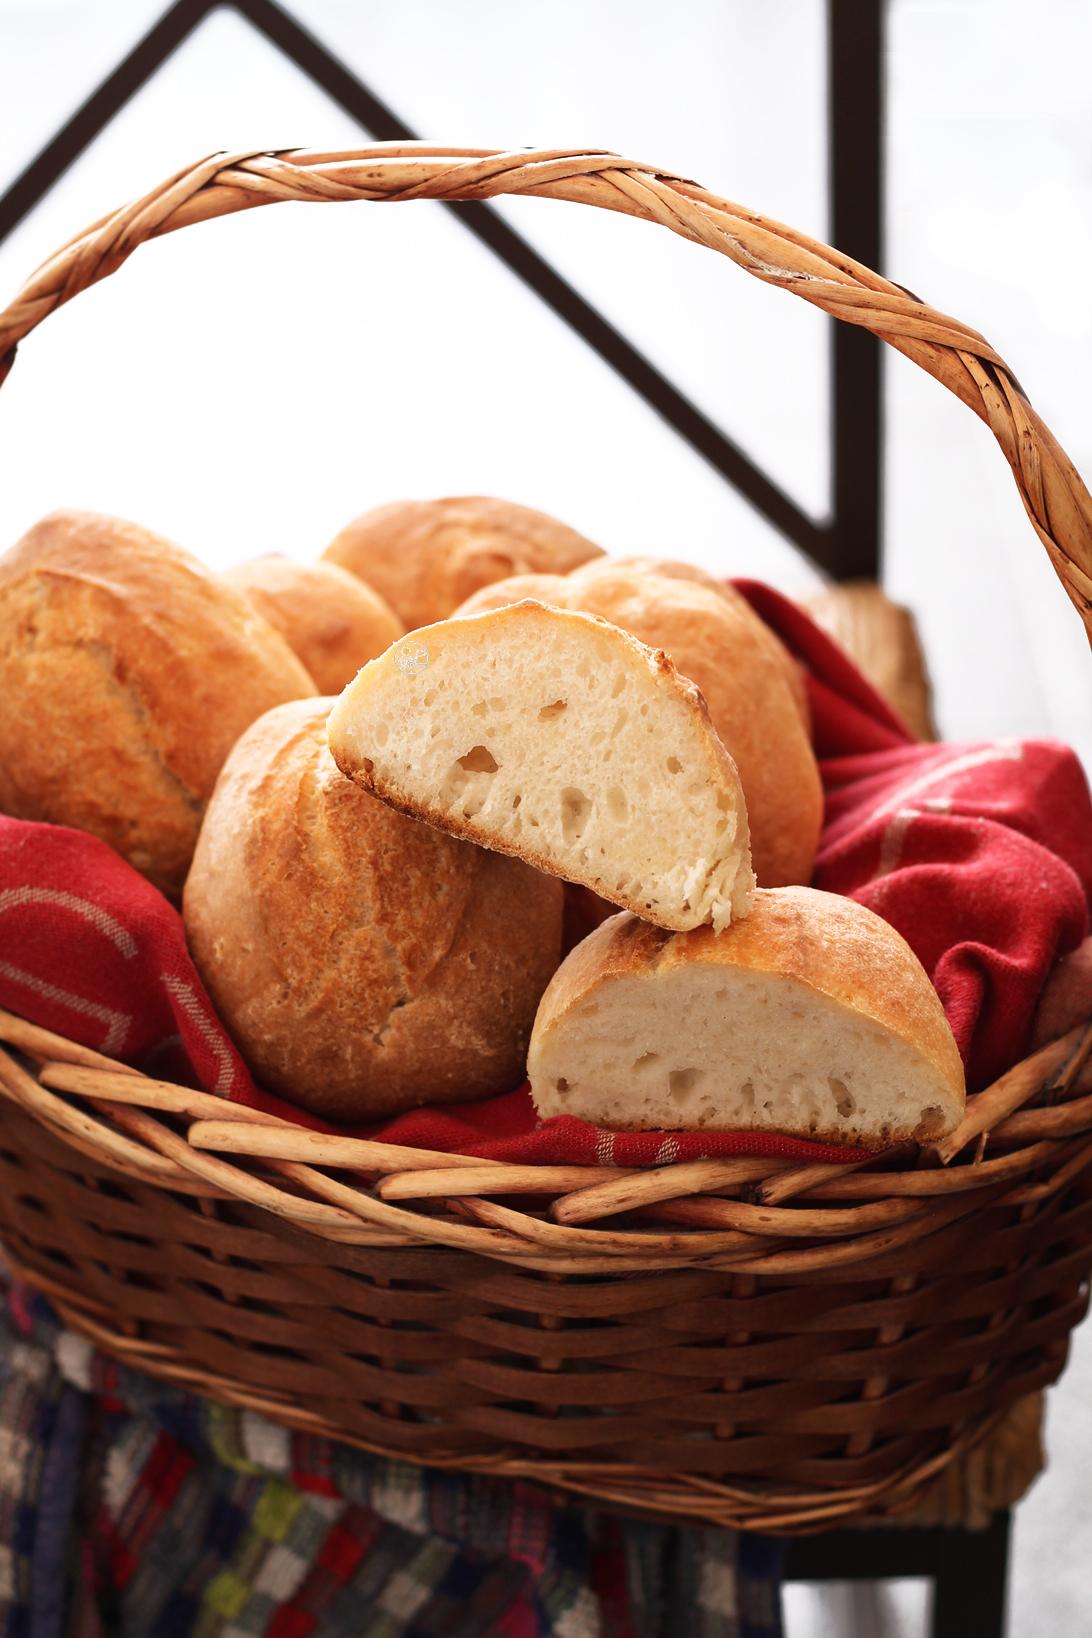 Panini senza glutine con lievito madre e farina di lenticchie - La Cassata Celiaca